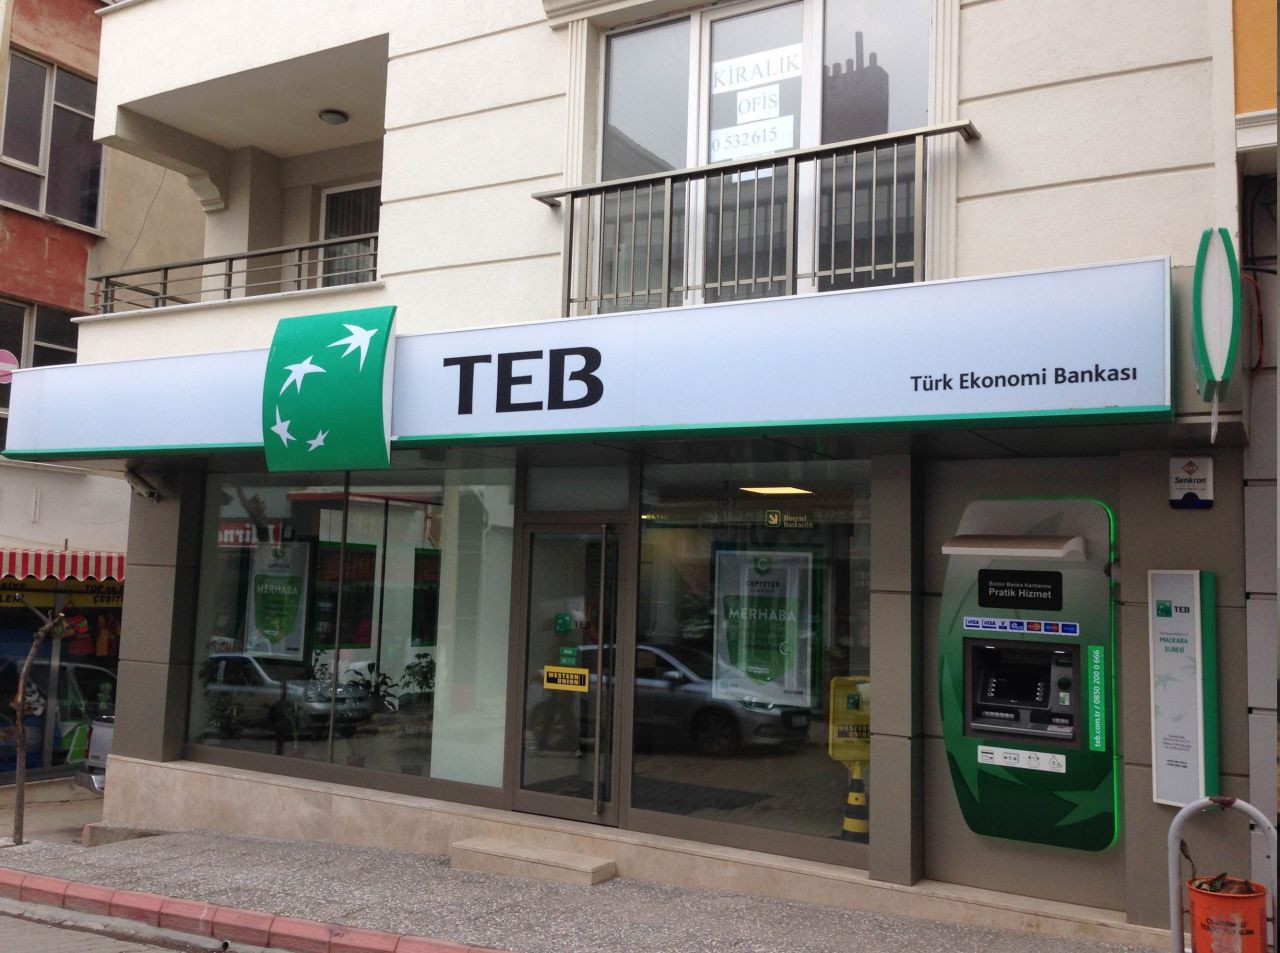 Konut kredisinden hangi banka tercih edilmeli? - Sayfa 3